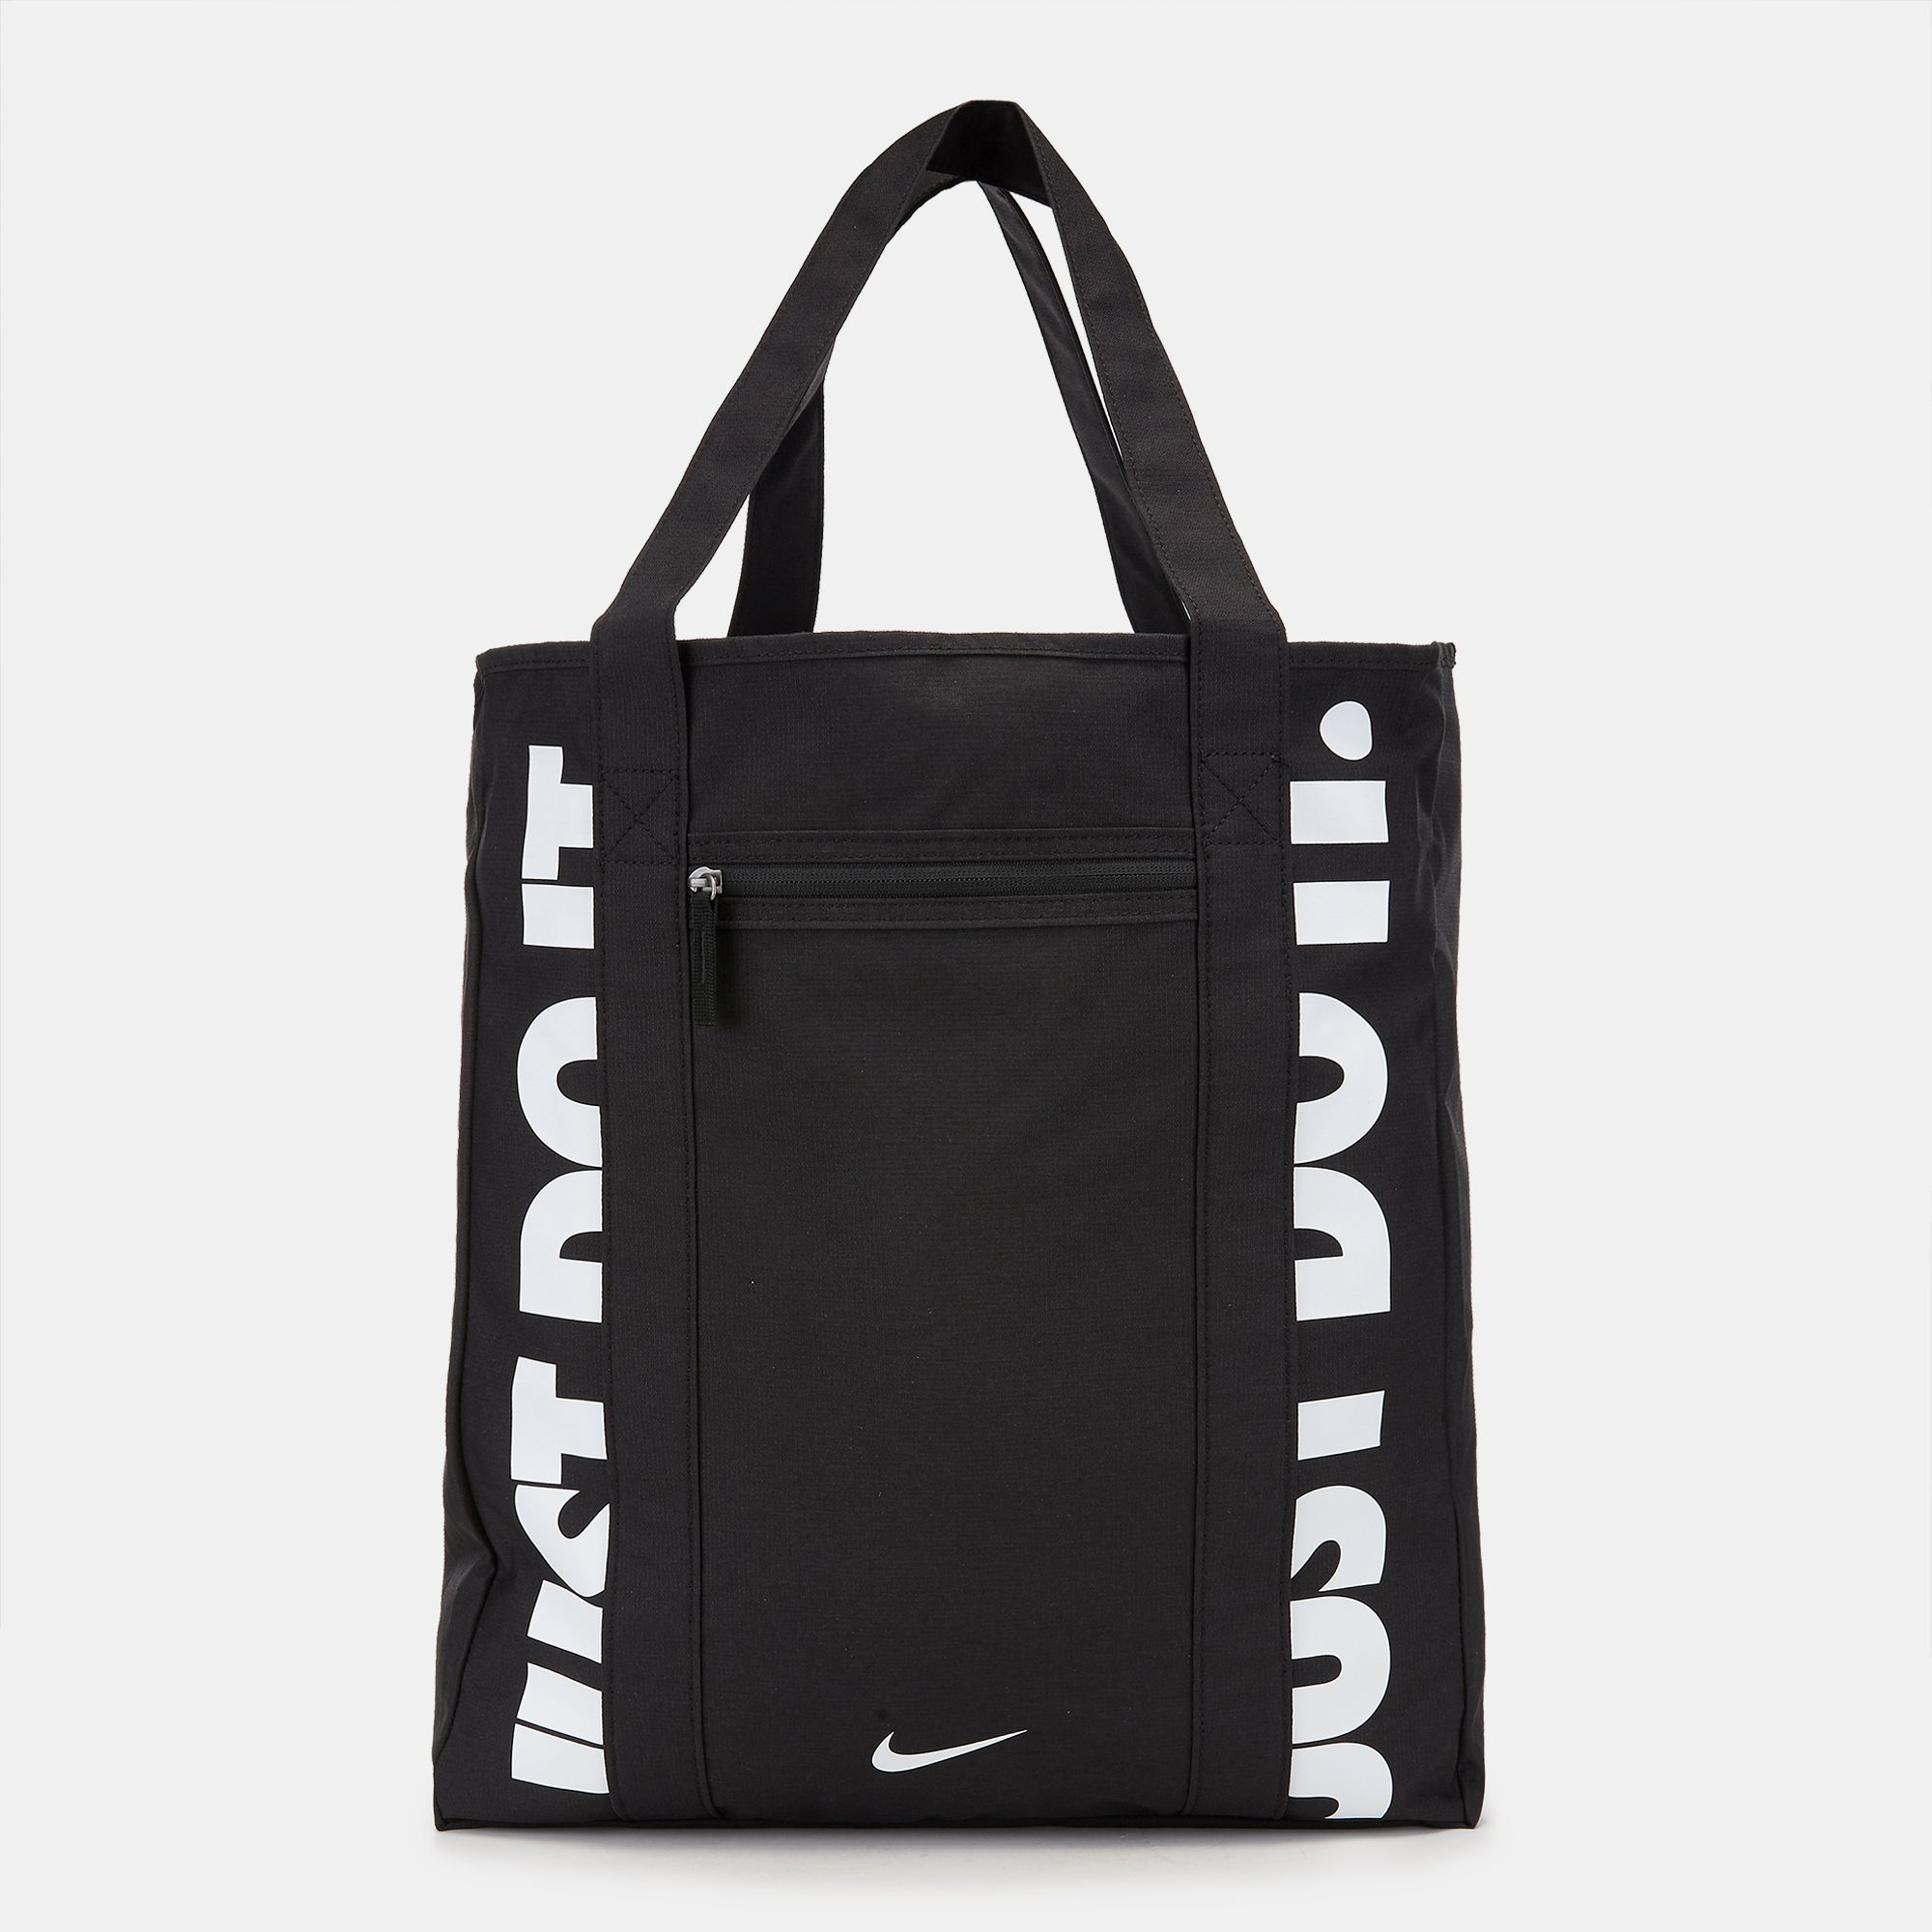 Nike Gym Tote Bag Black